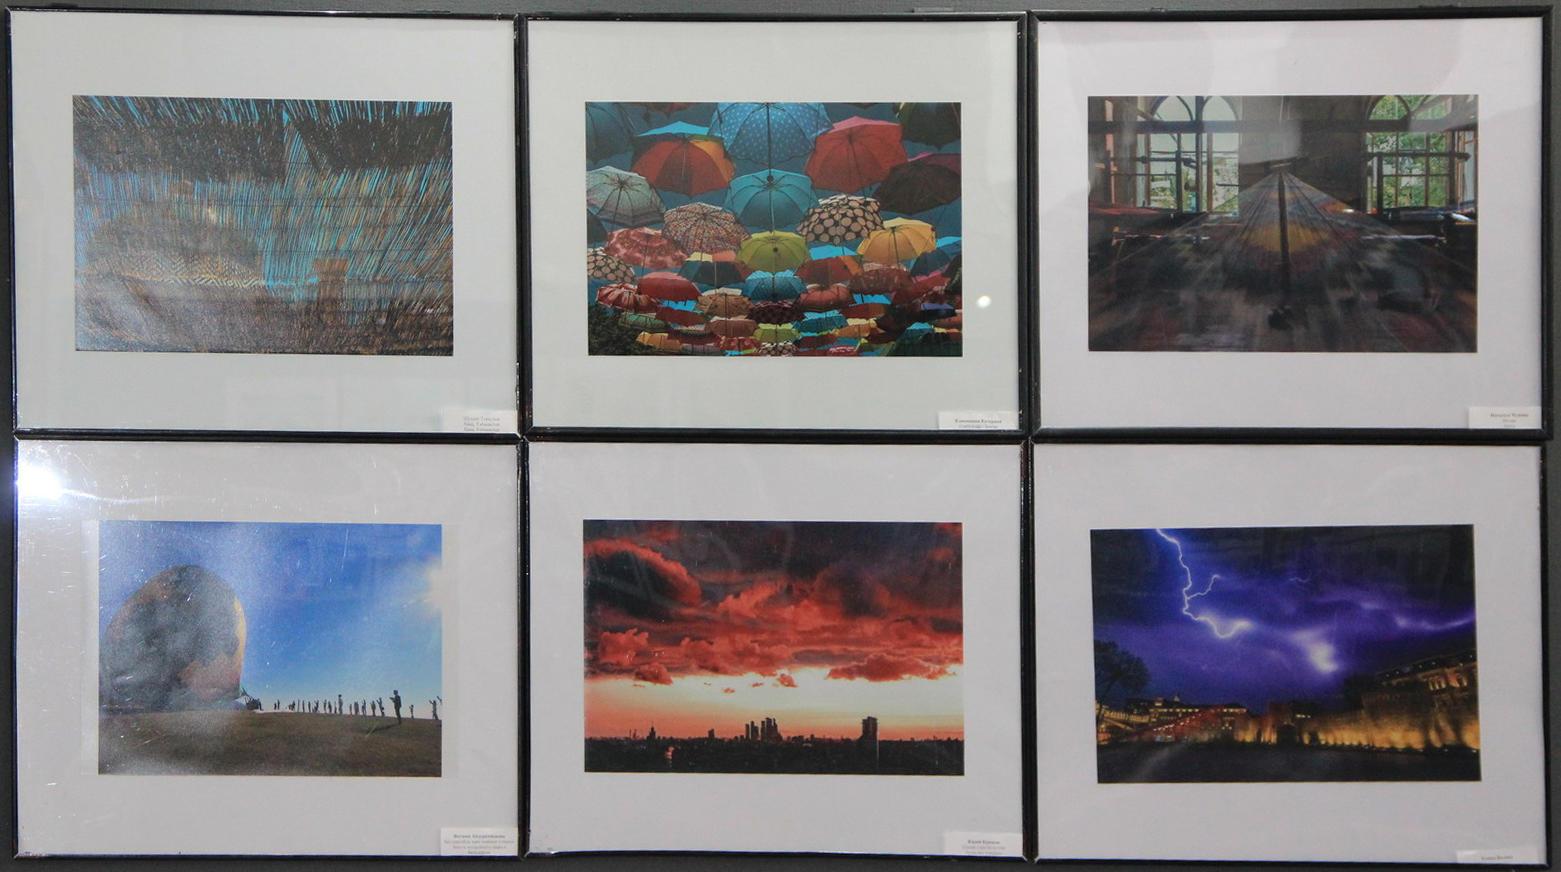 Фотографии разных авторов из группы Молодёжная фотография Узбекистана 11